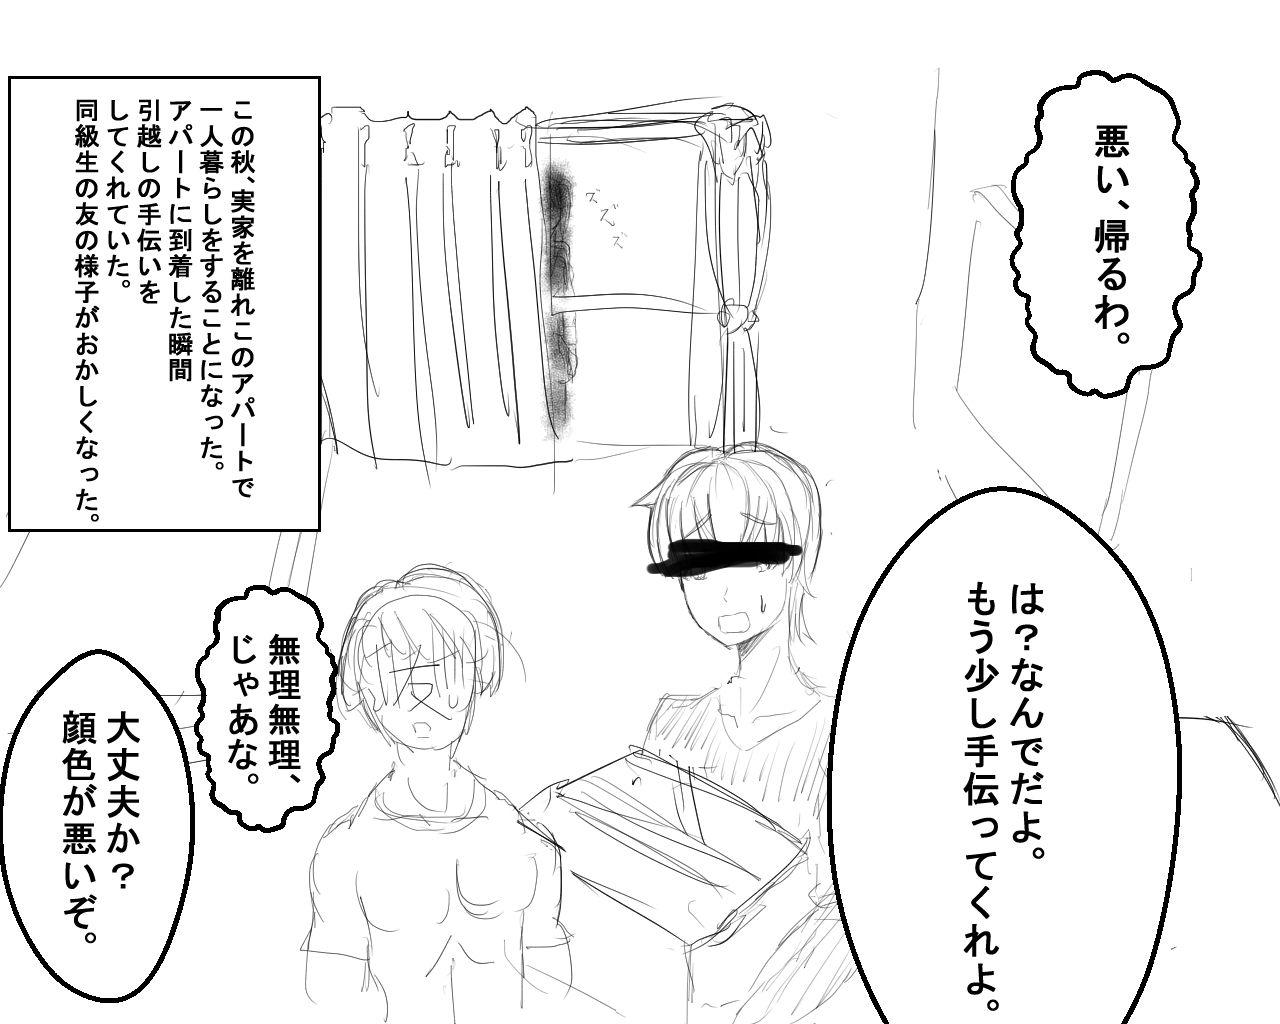 同人ガール:[同人]「幽霊に逆された件がすごい 前編」(ボノボ式平和社会生活)